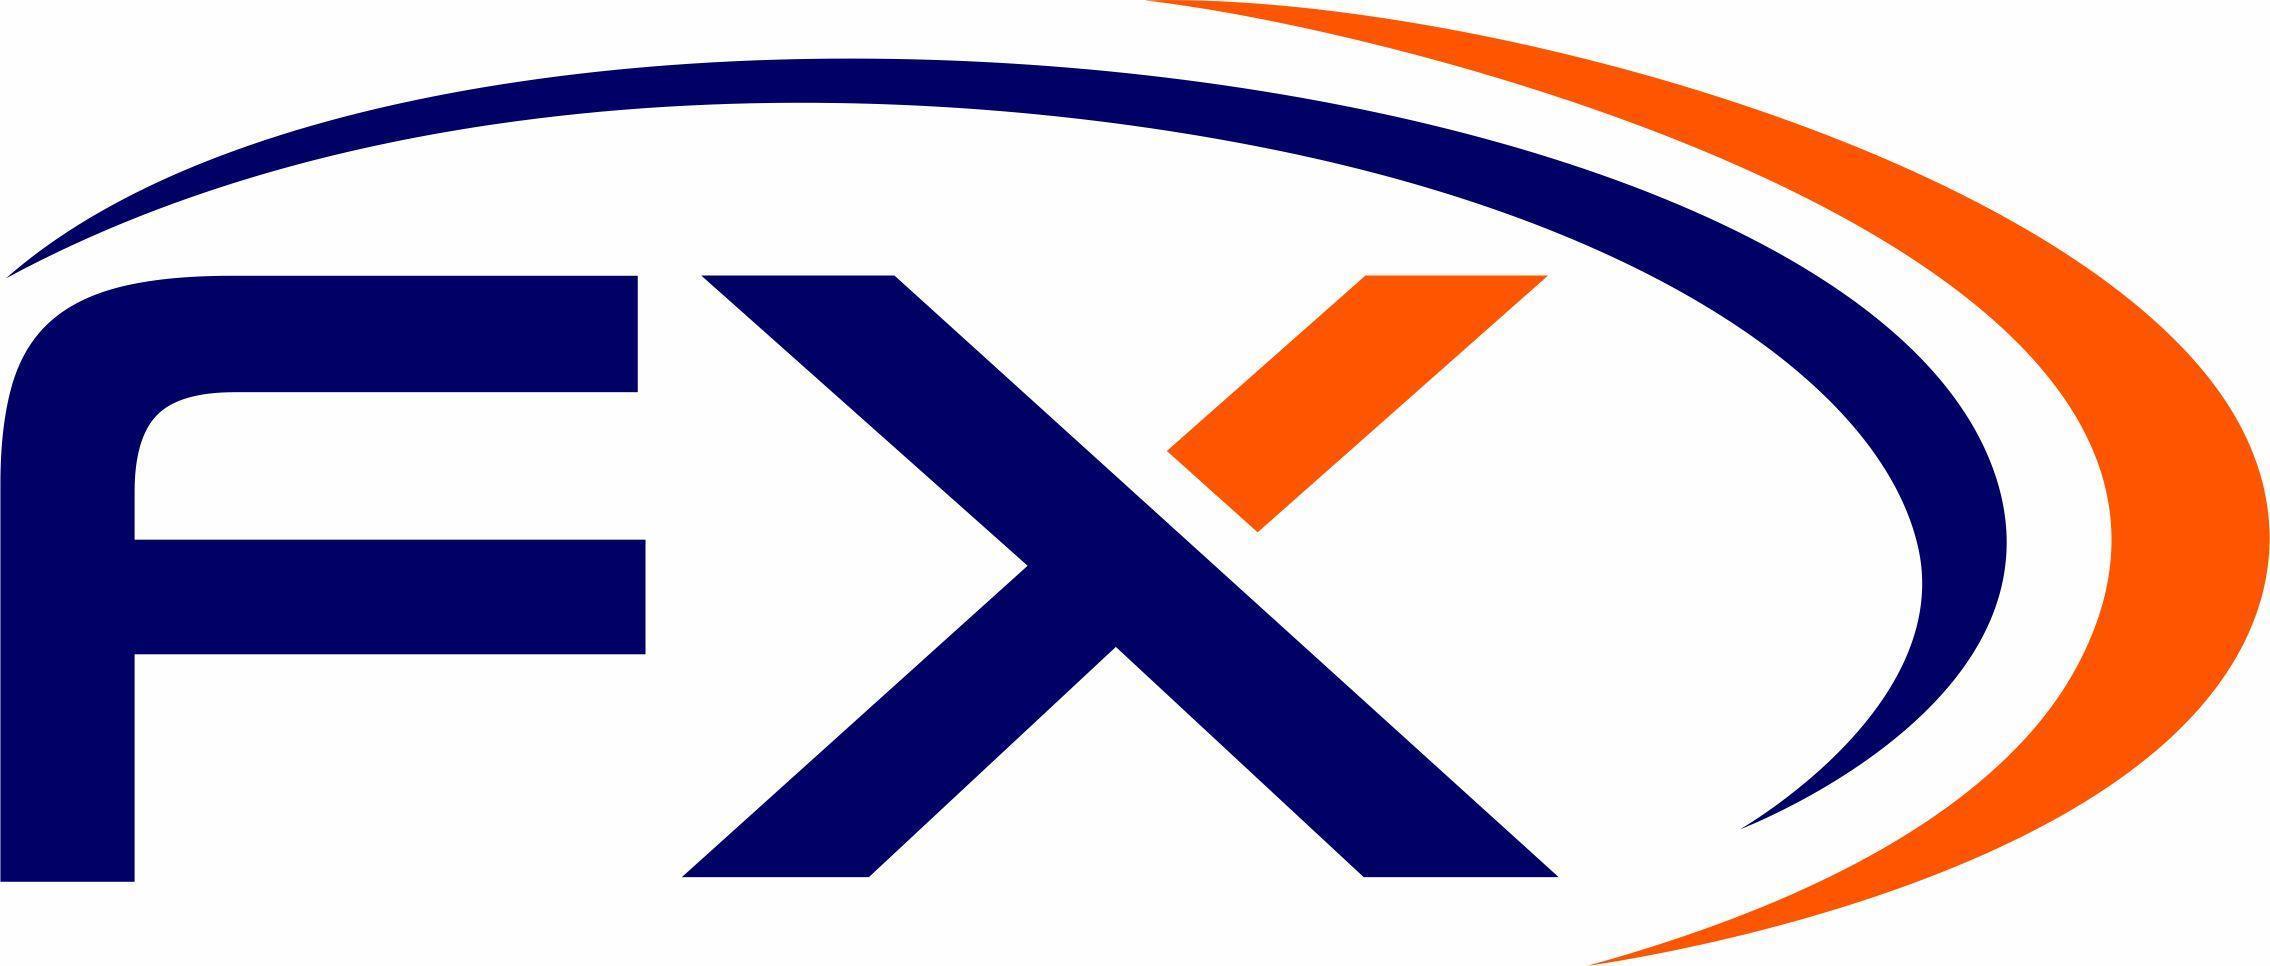 Logo of FalconX Incubator Accelerator